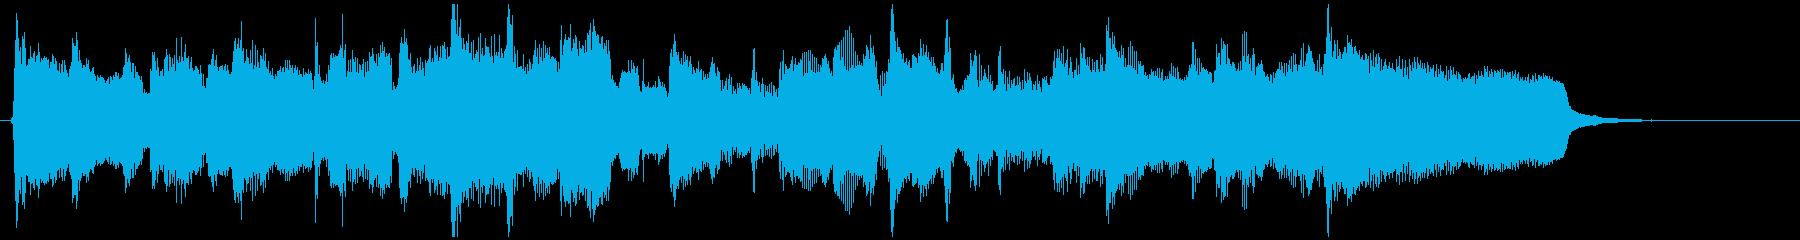 故郷を思い起こすようなフルートの15秒曲の再生済みの波形